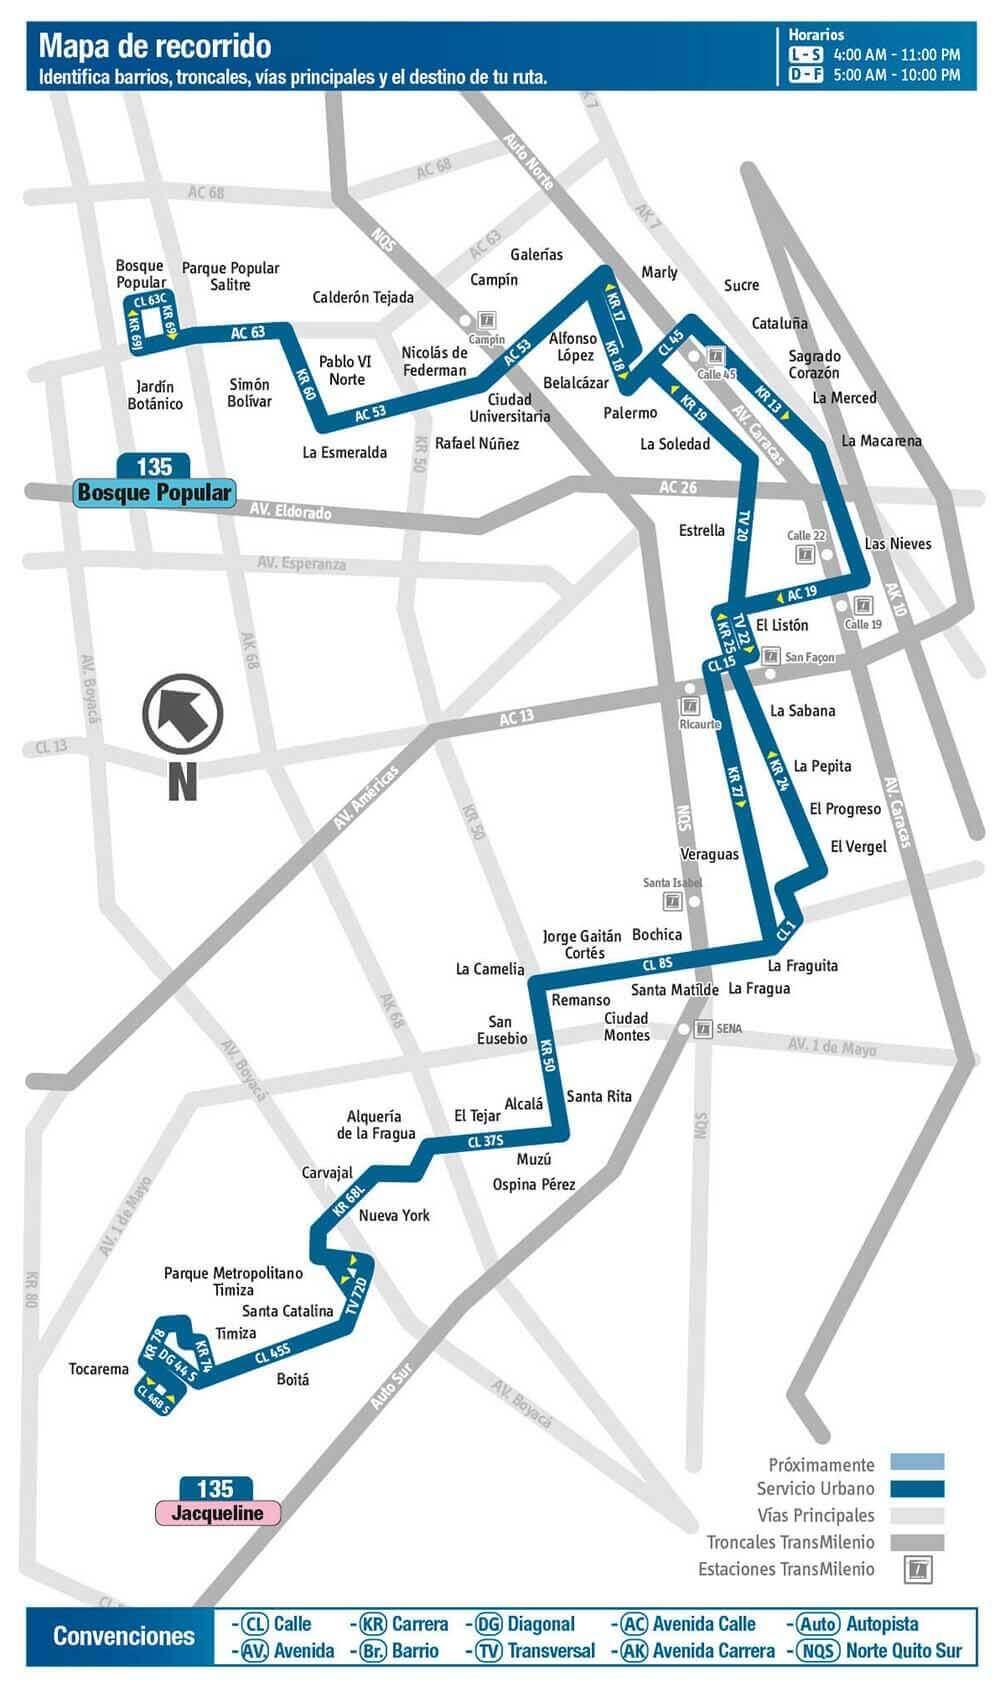 Mapa de la Ruta 135 SITP